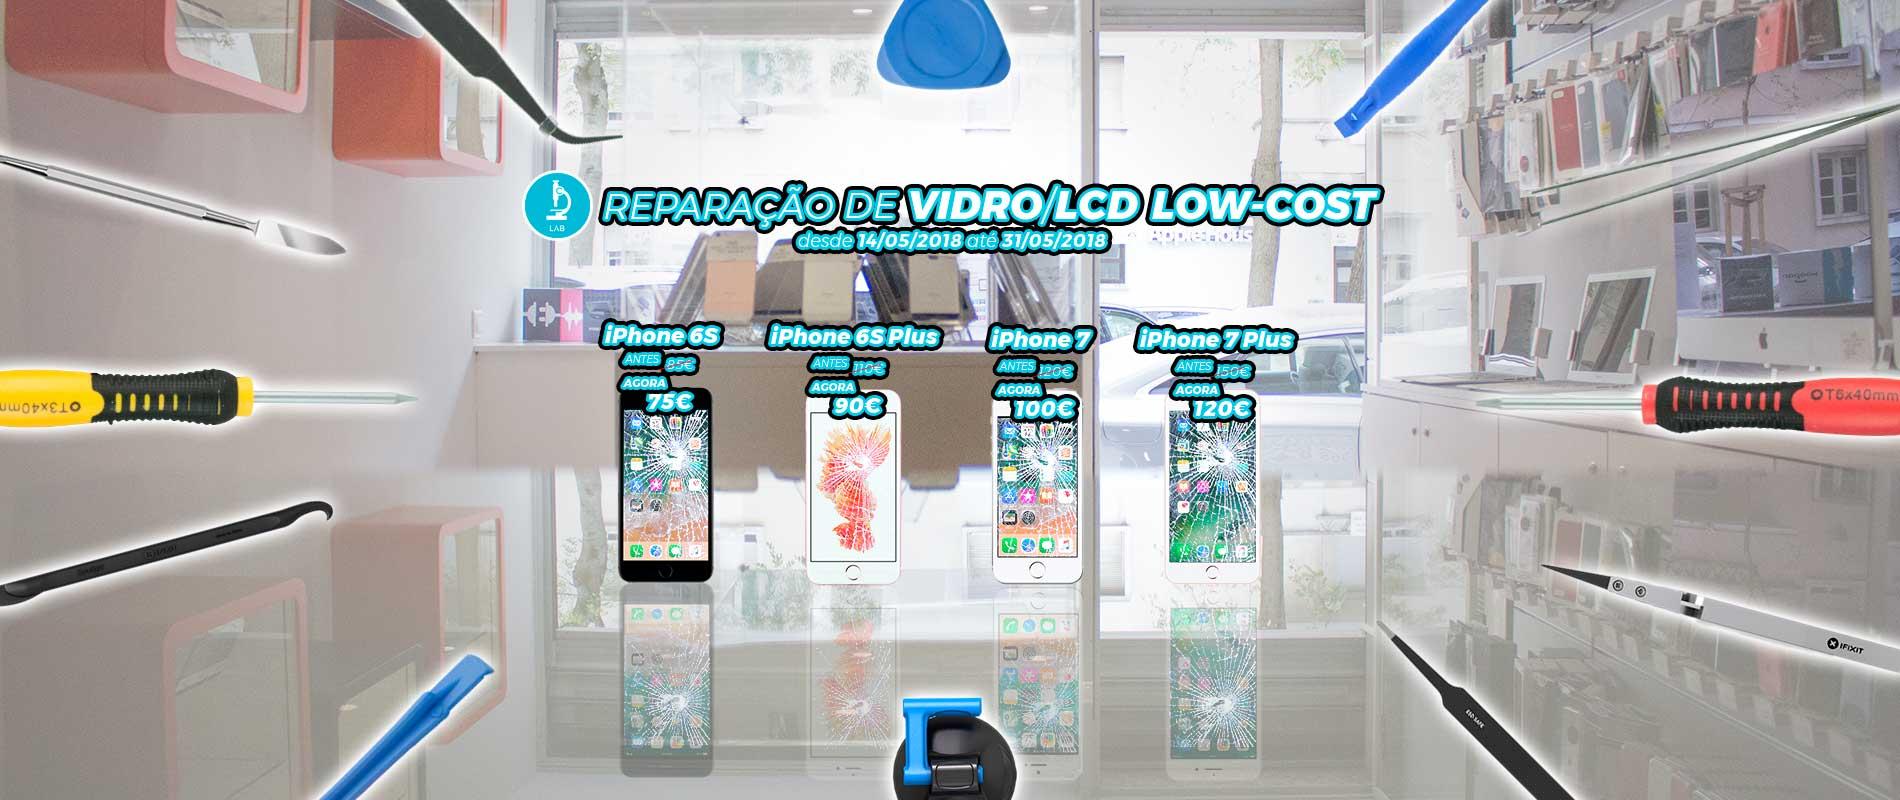 Gadget Hub - Reparações de VIDRO e LCD iPhone - Reparar Vidro iPhone - Reparar LCD iPhone em Lisboa 4